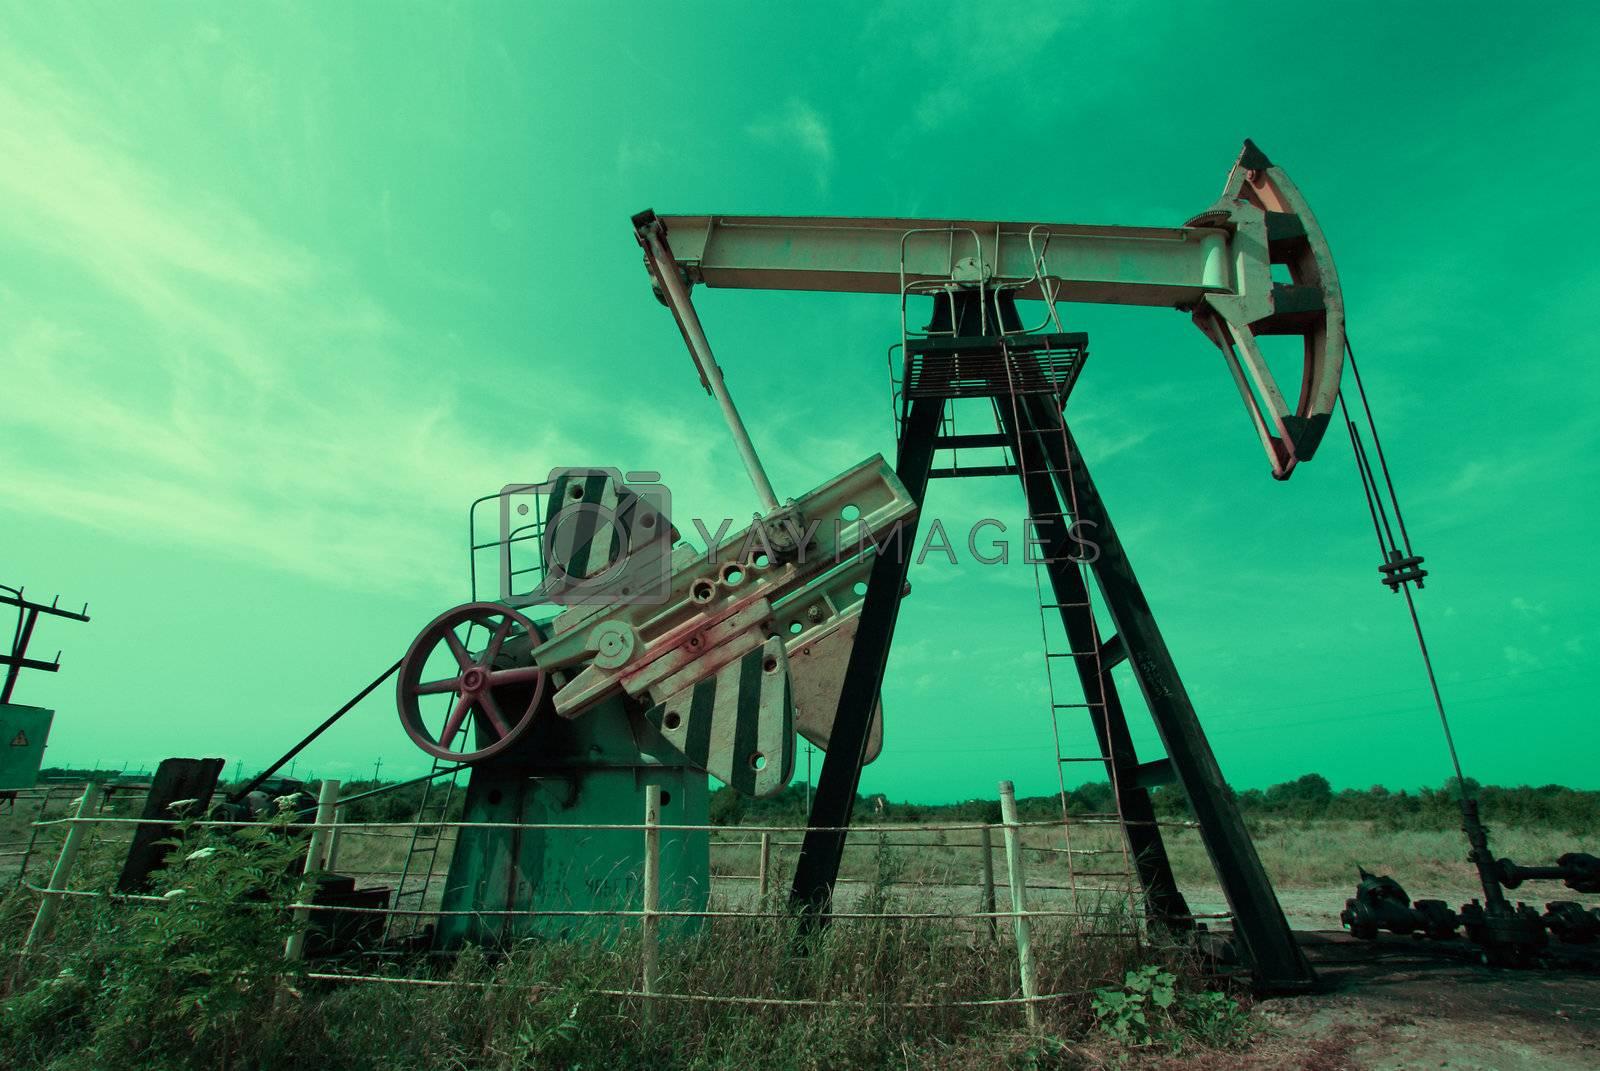 Oil Pump in blue tones